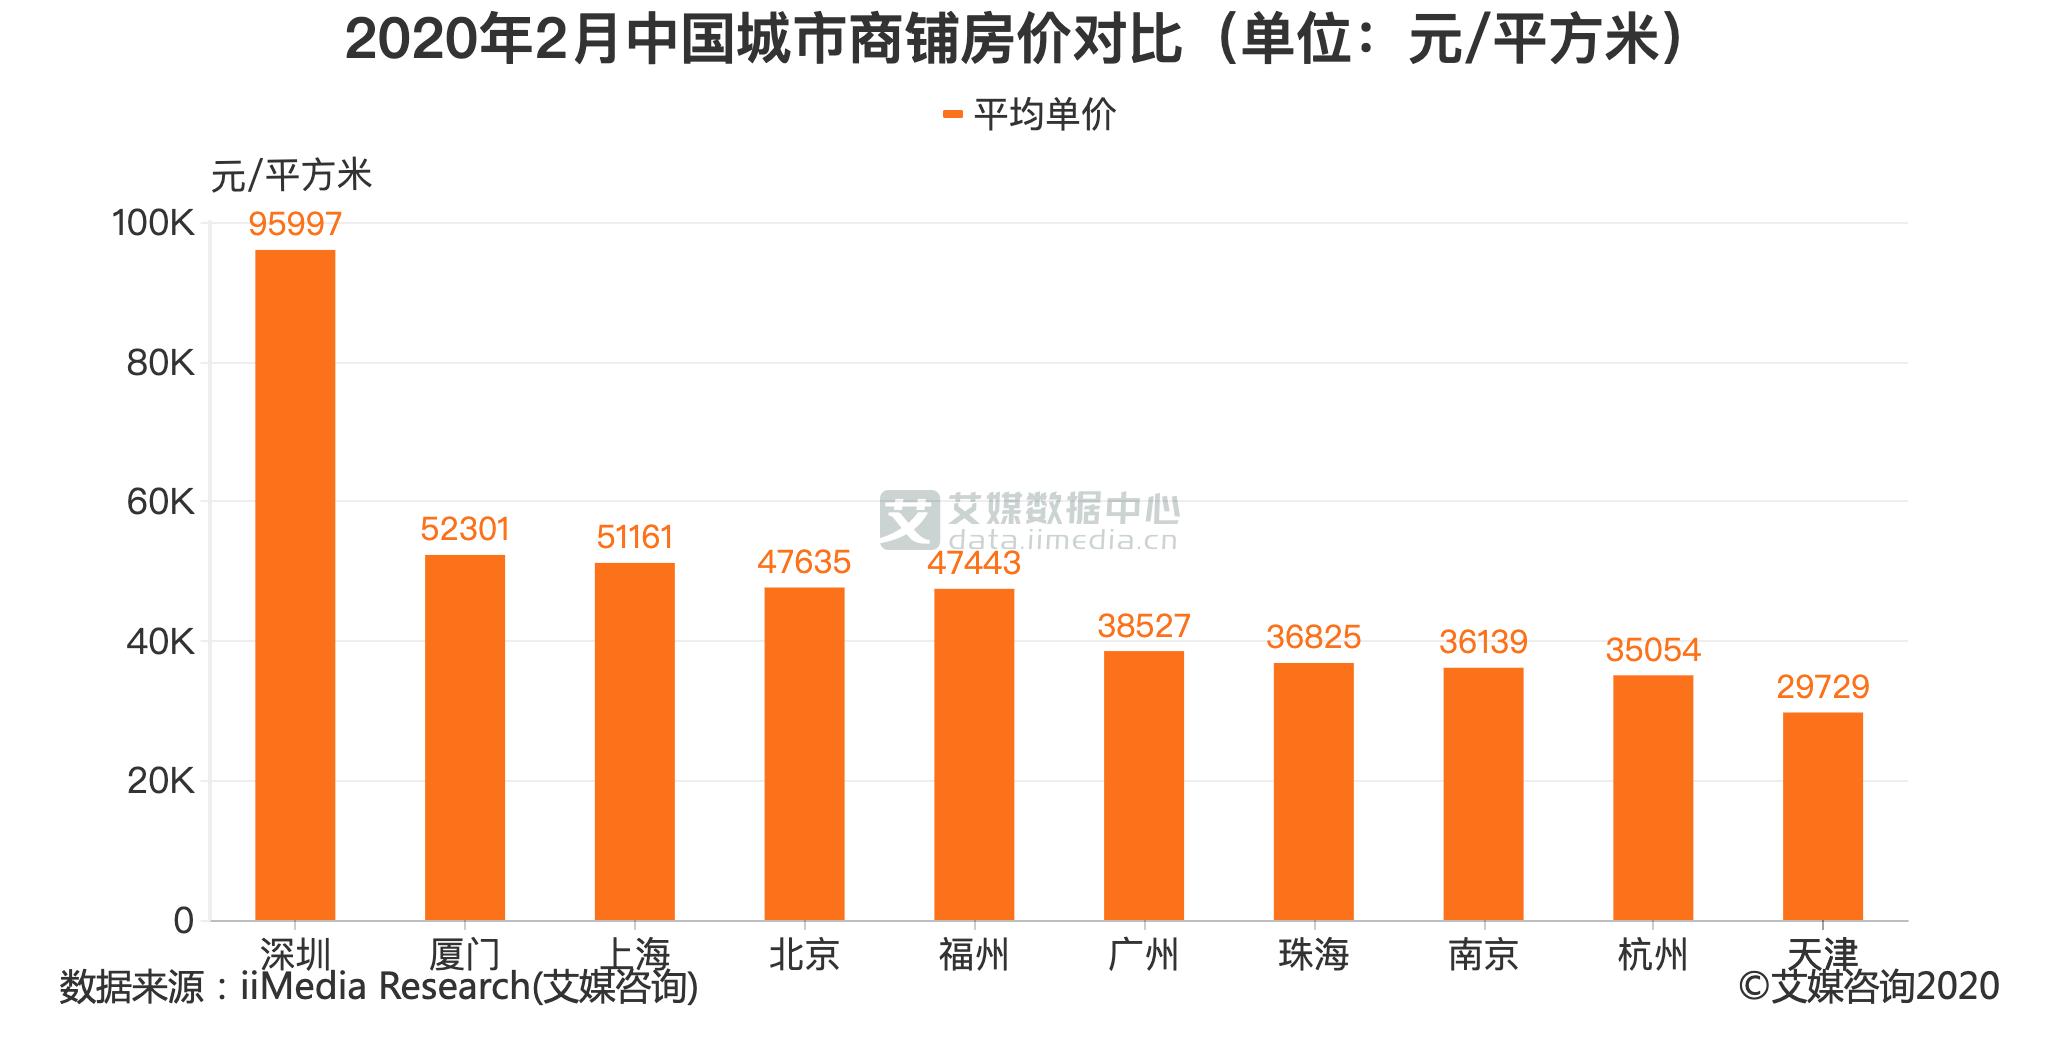 2020年2月中国城市商铺房价对比(单位:元/平方米)